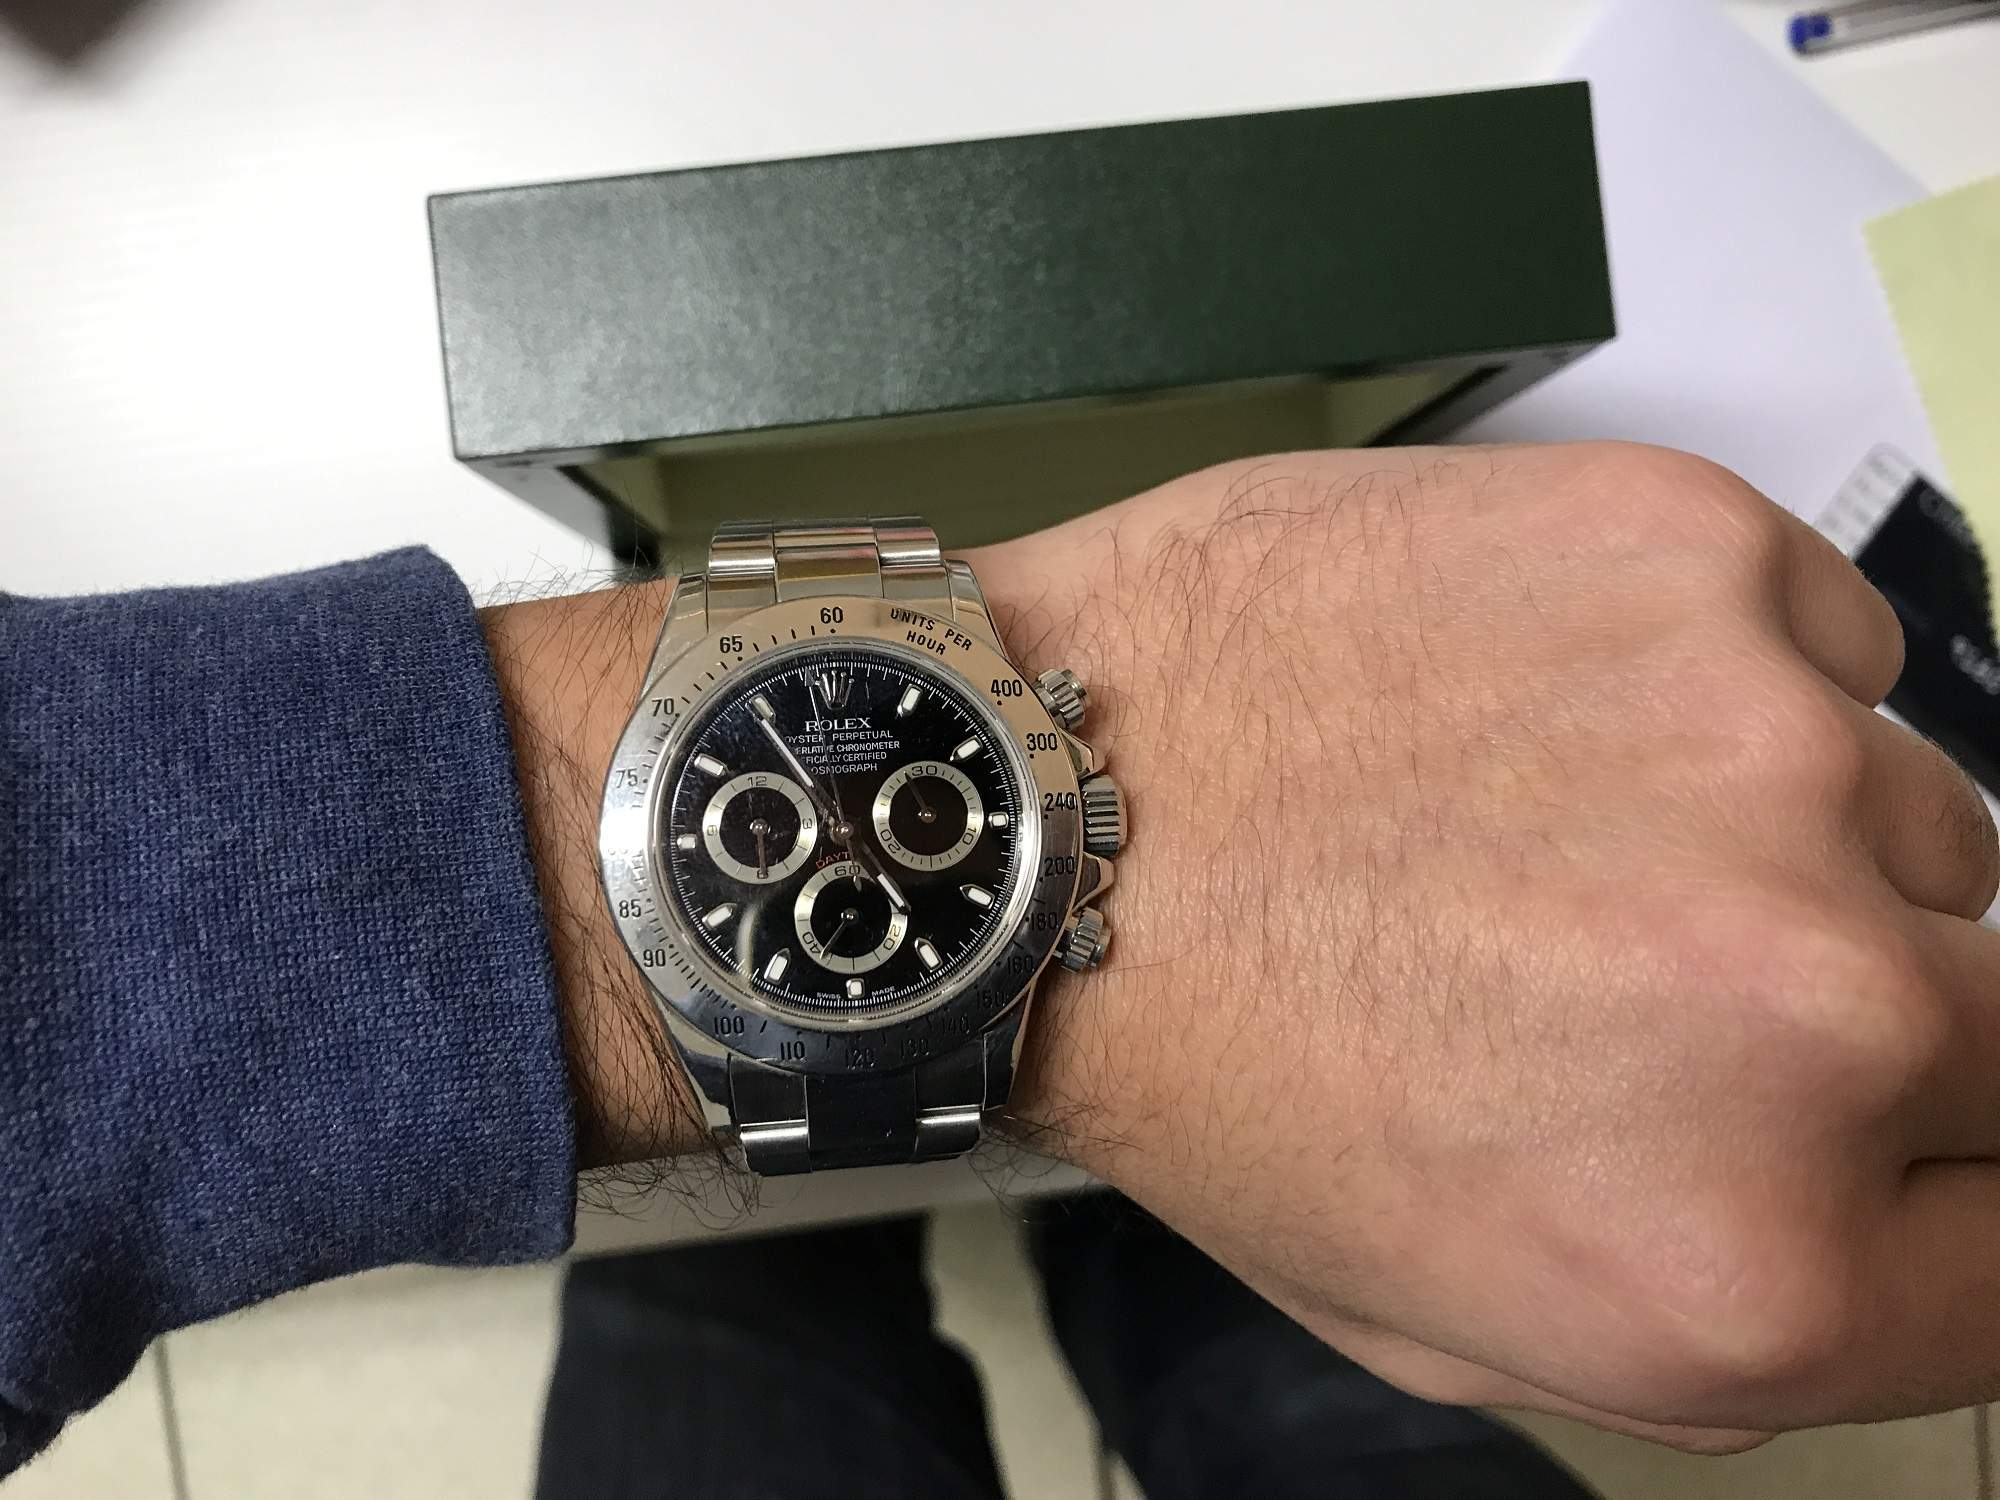 ccf09c04e Cinco claves para averiguar si un reloj de lujo es falso - elEconomista.es